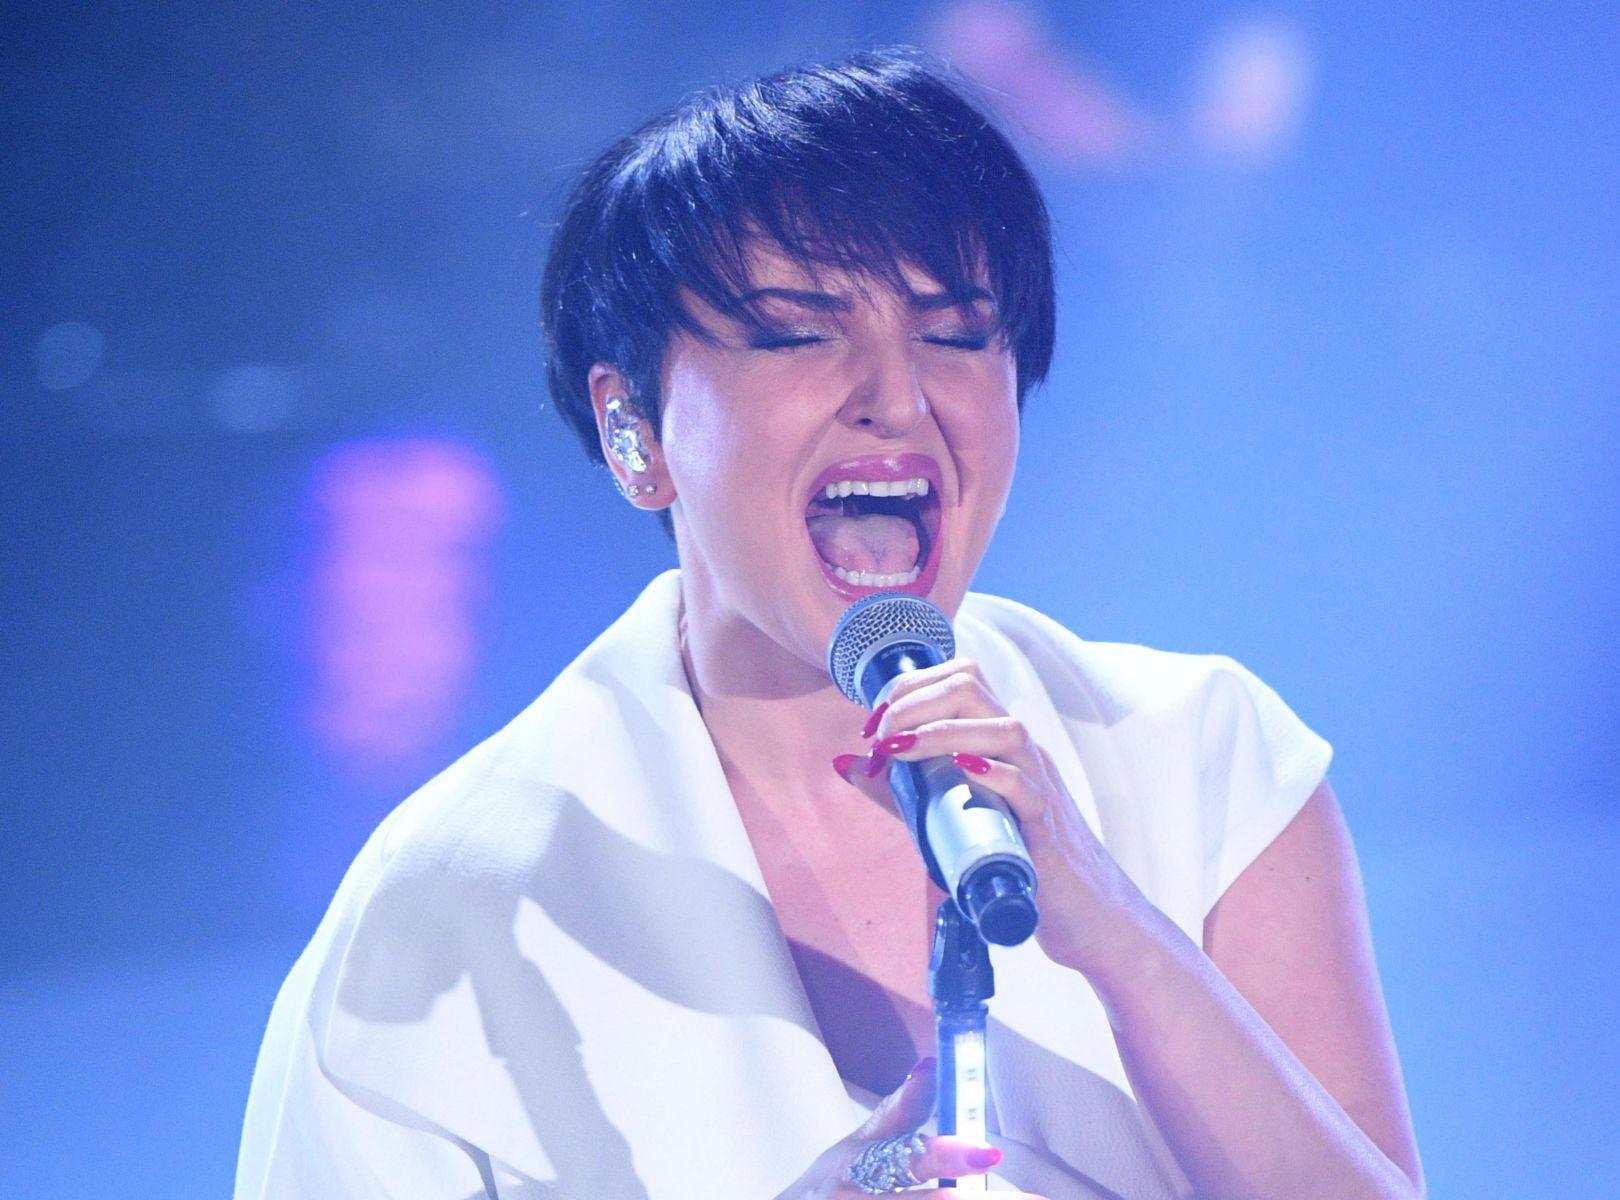 Sanremo 2019, Arisa canta con 39 di febbre e si commuove